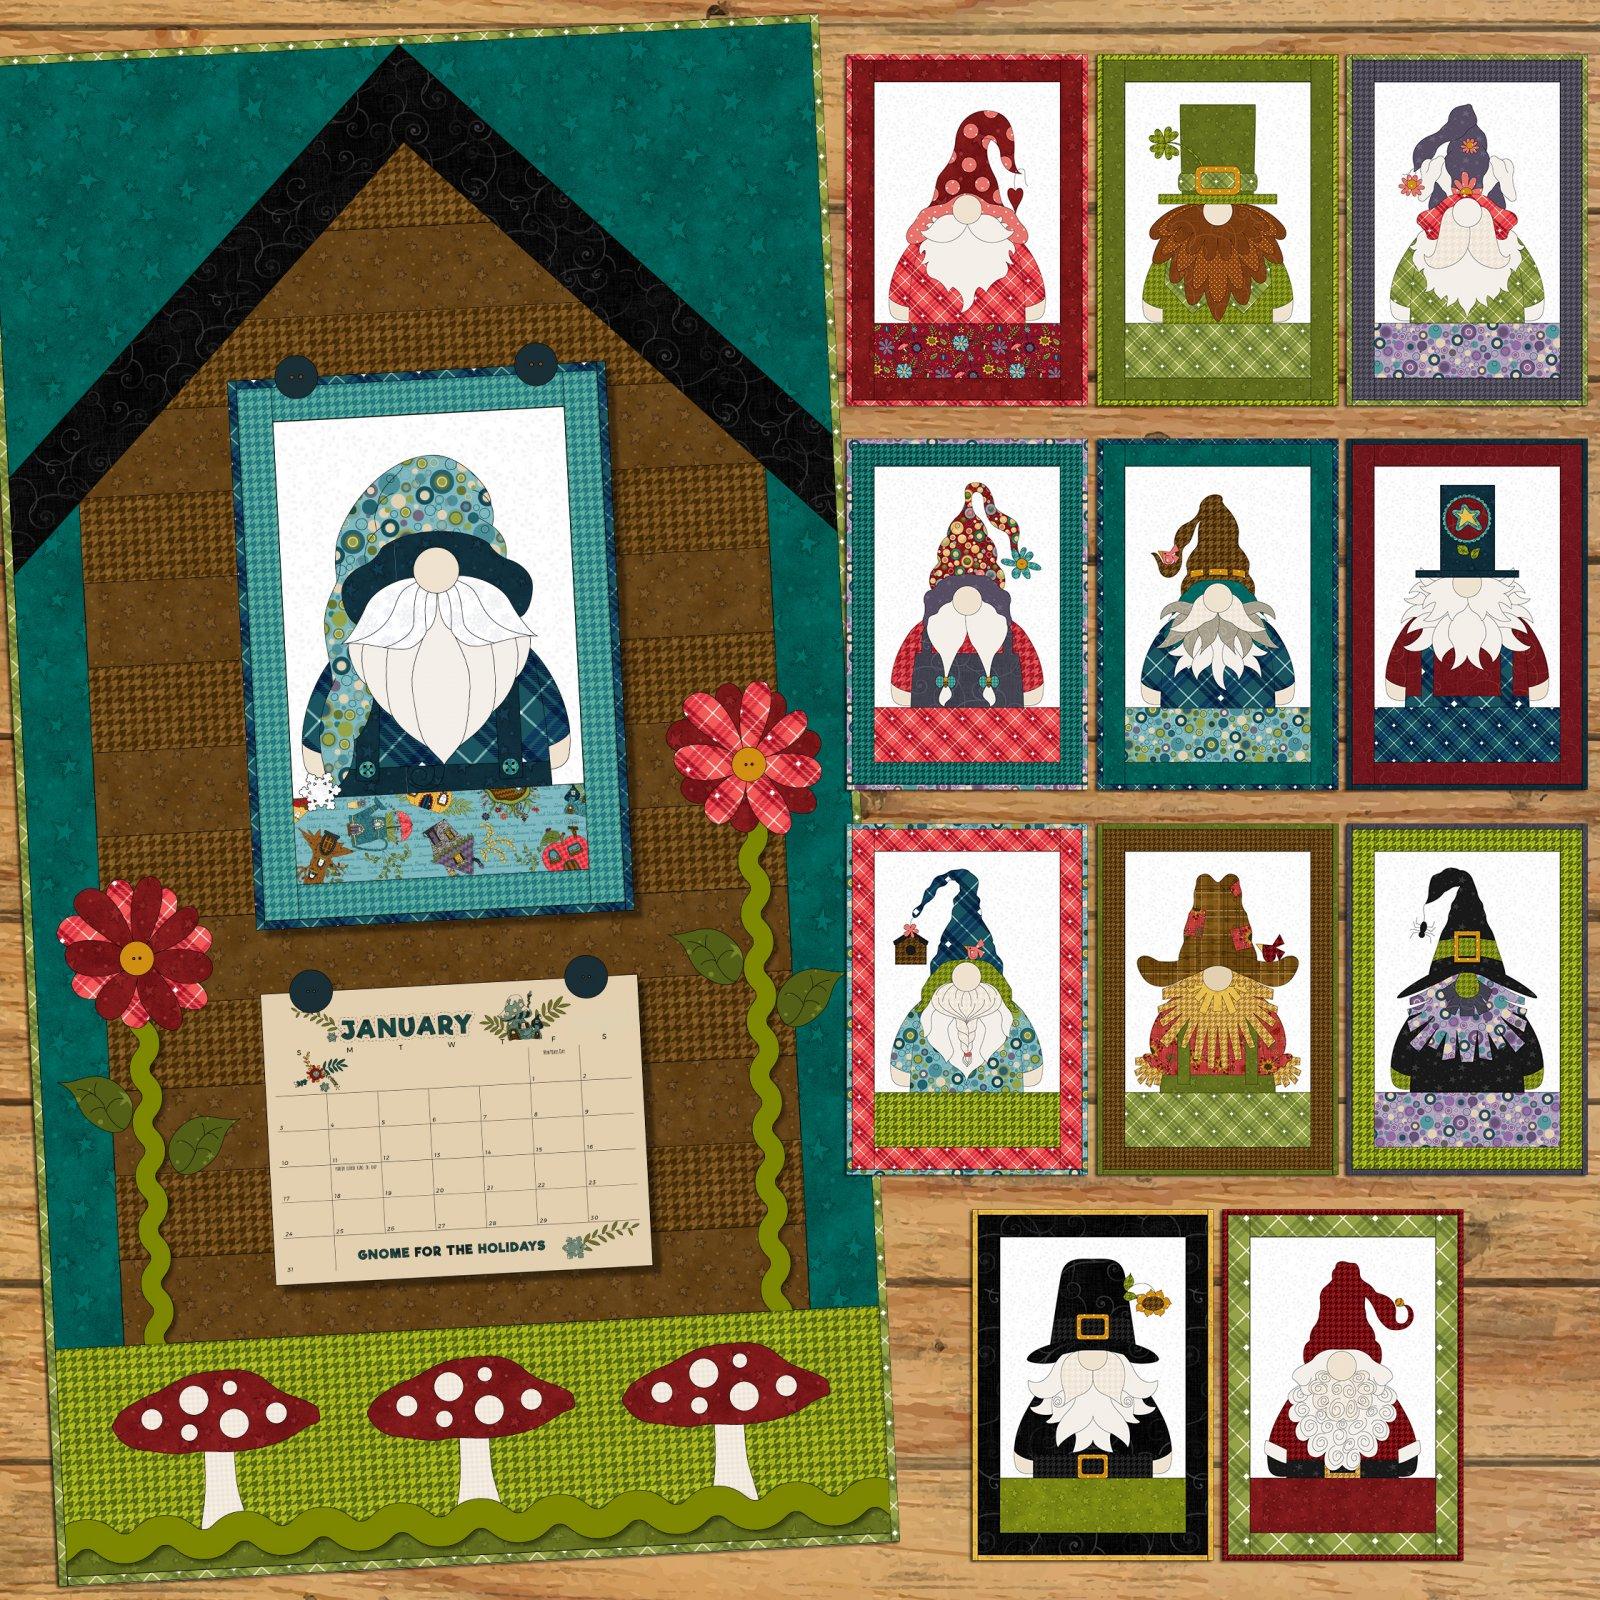 Gnome for the Holidays Applique Calendar Quilt Kit